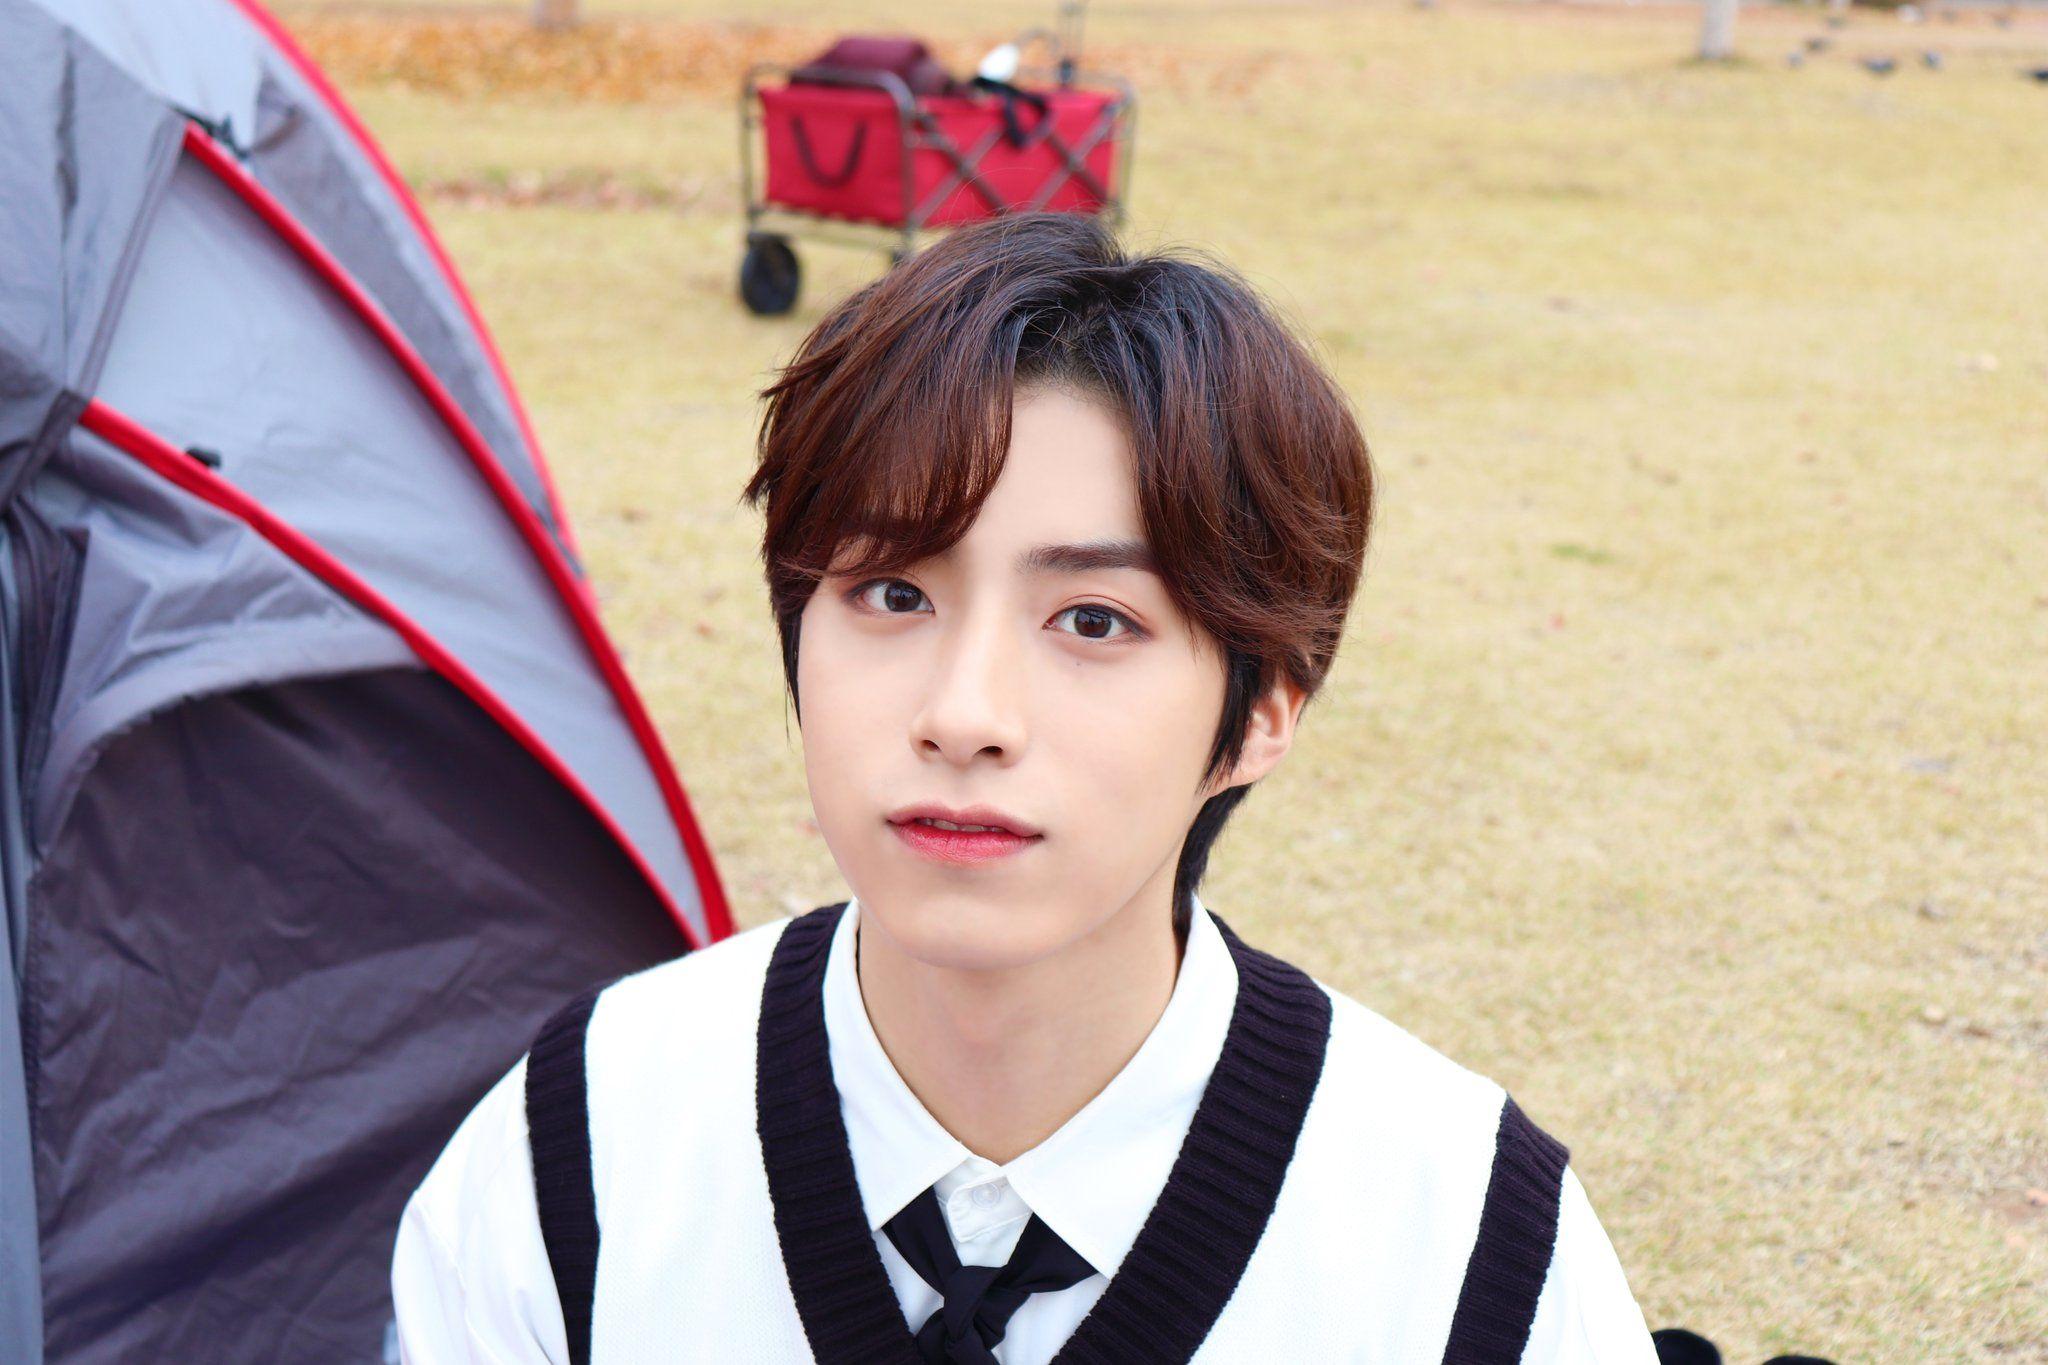 Oneus On Twitter Kpop Guys Kpop Boy Groups